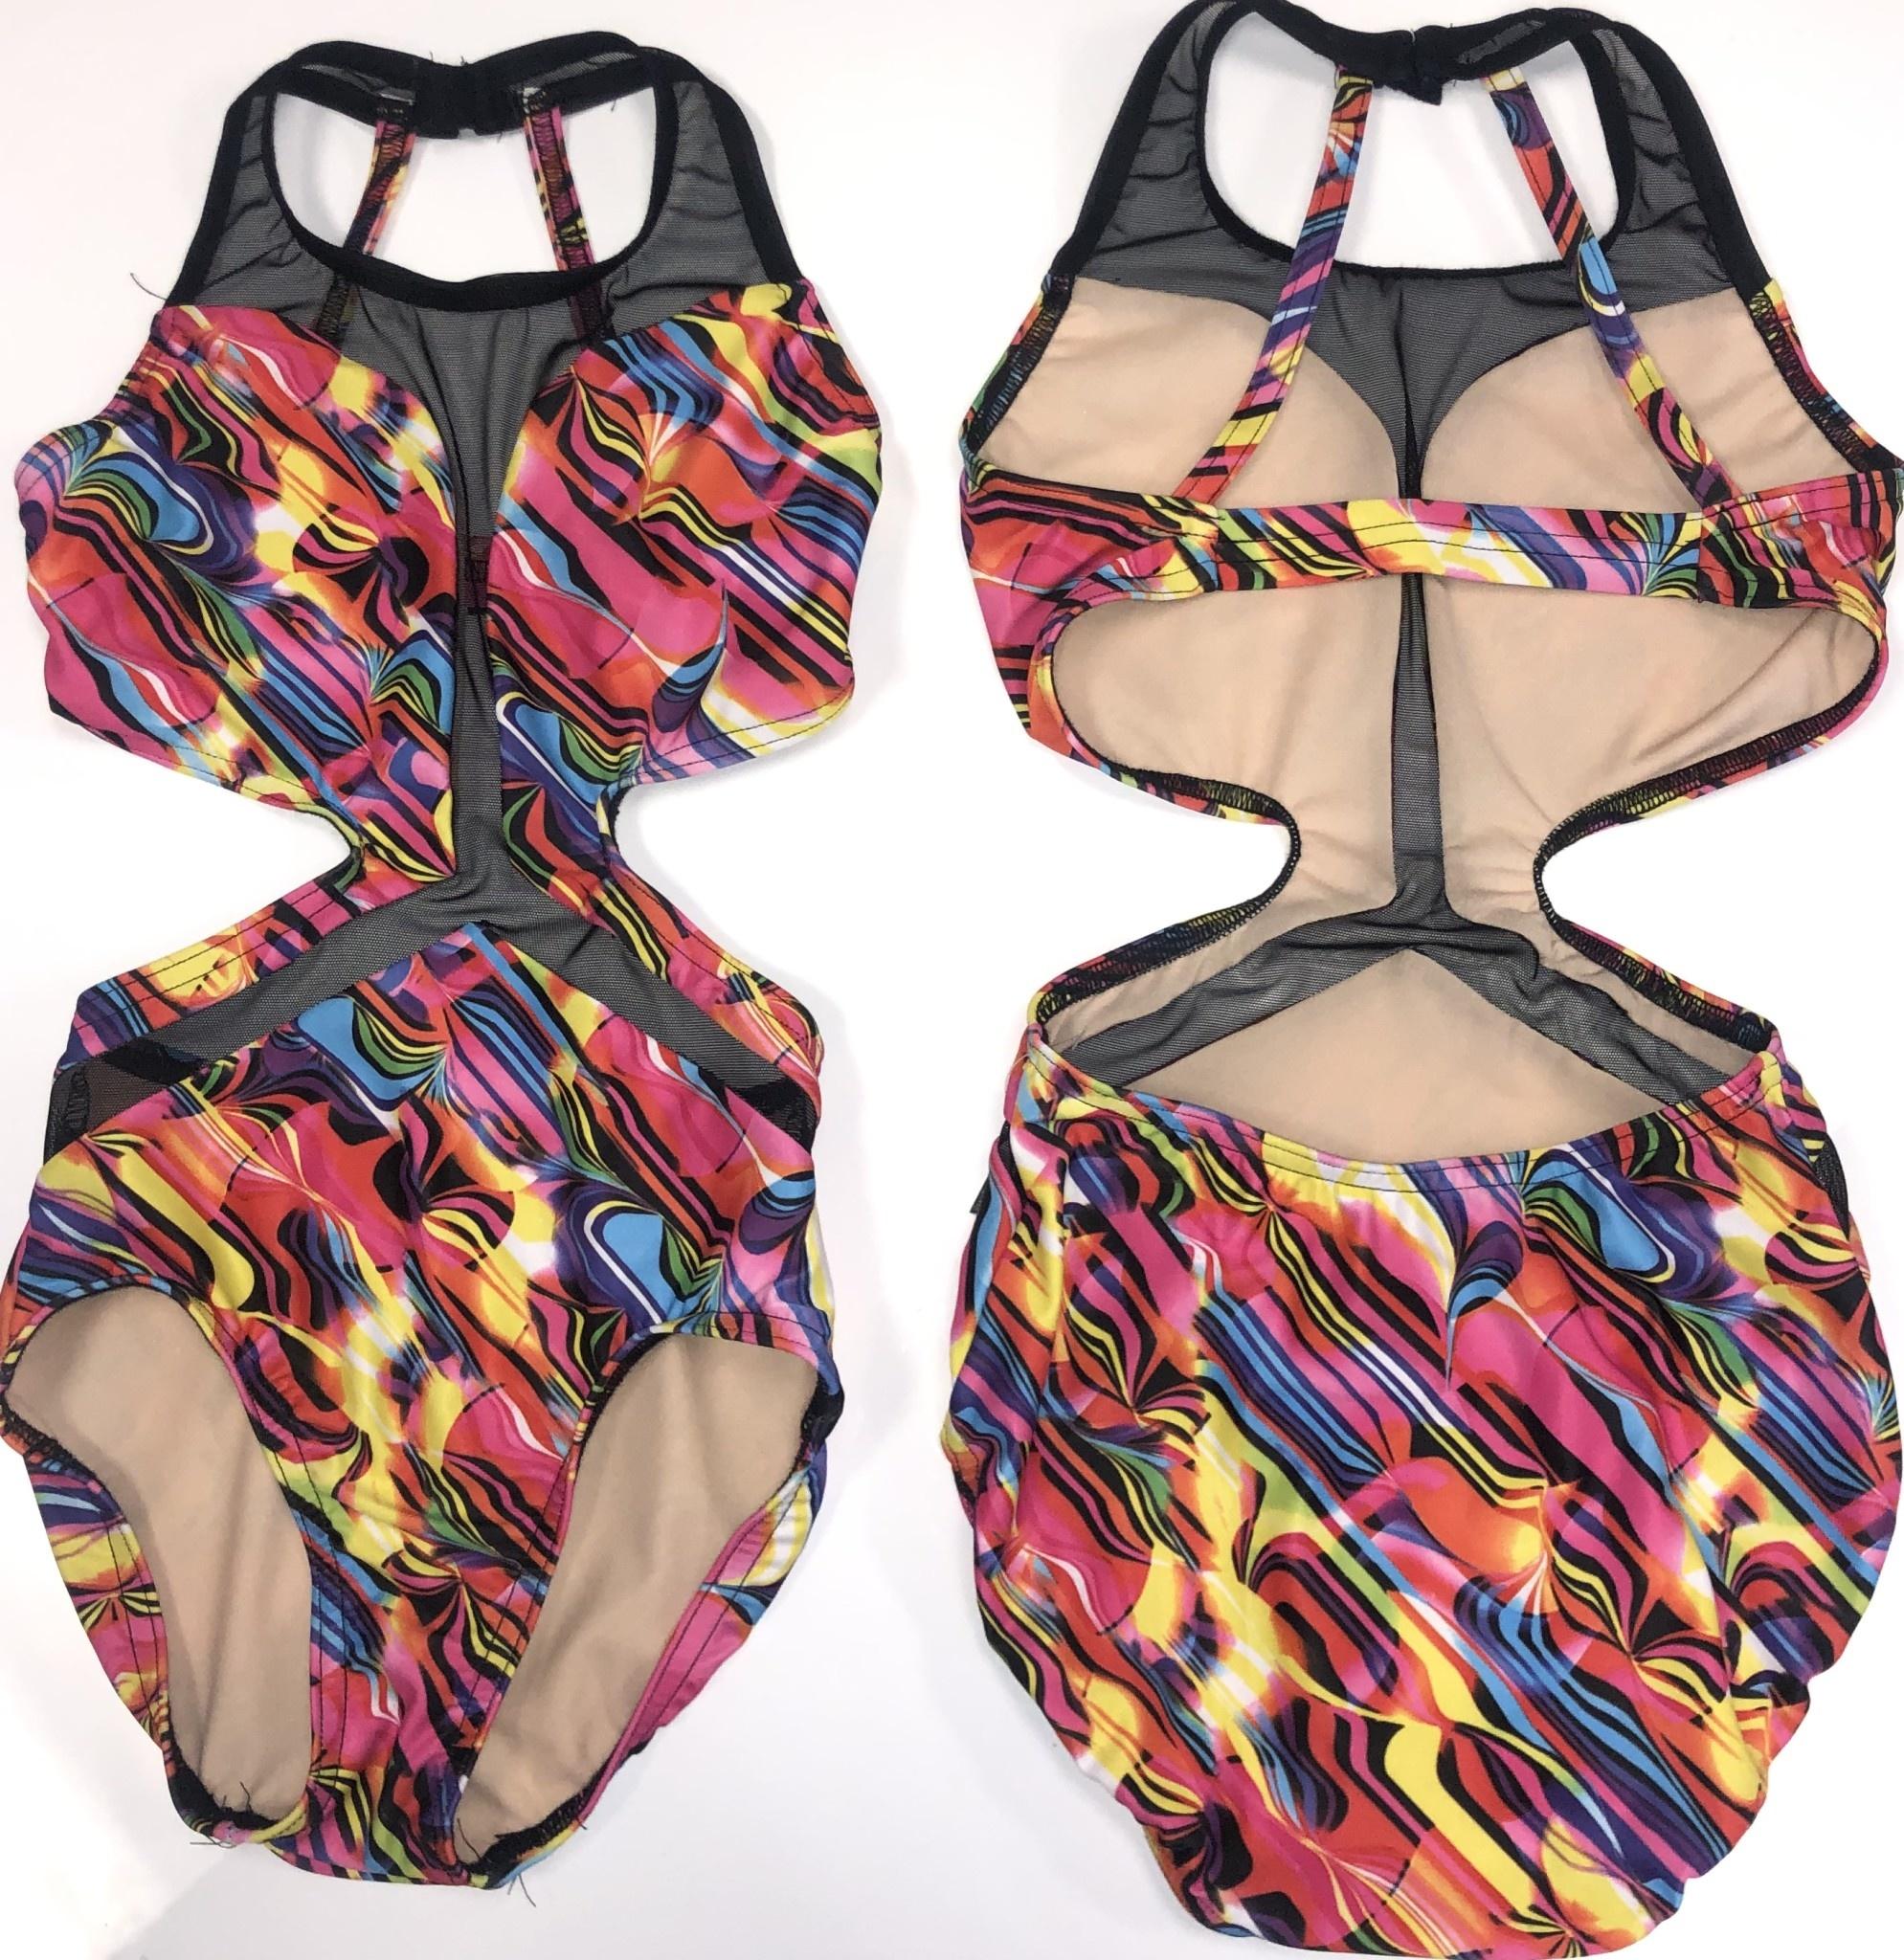 BP Designs Kool Kraze Michelle Leotard